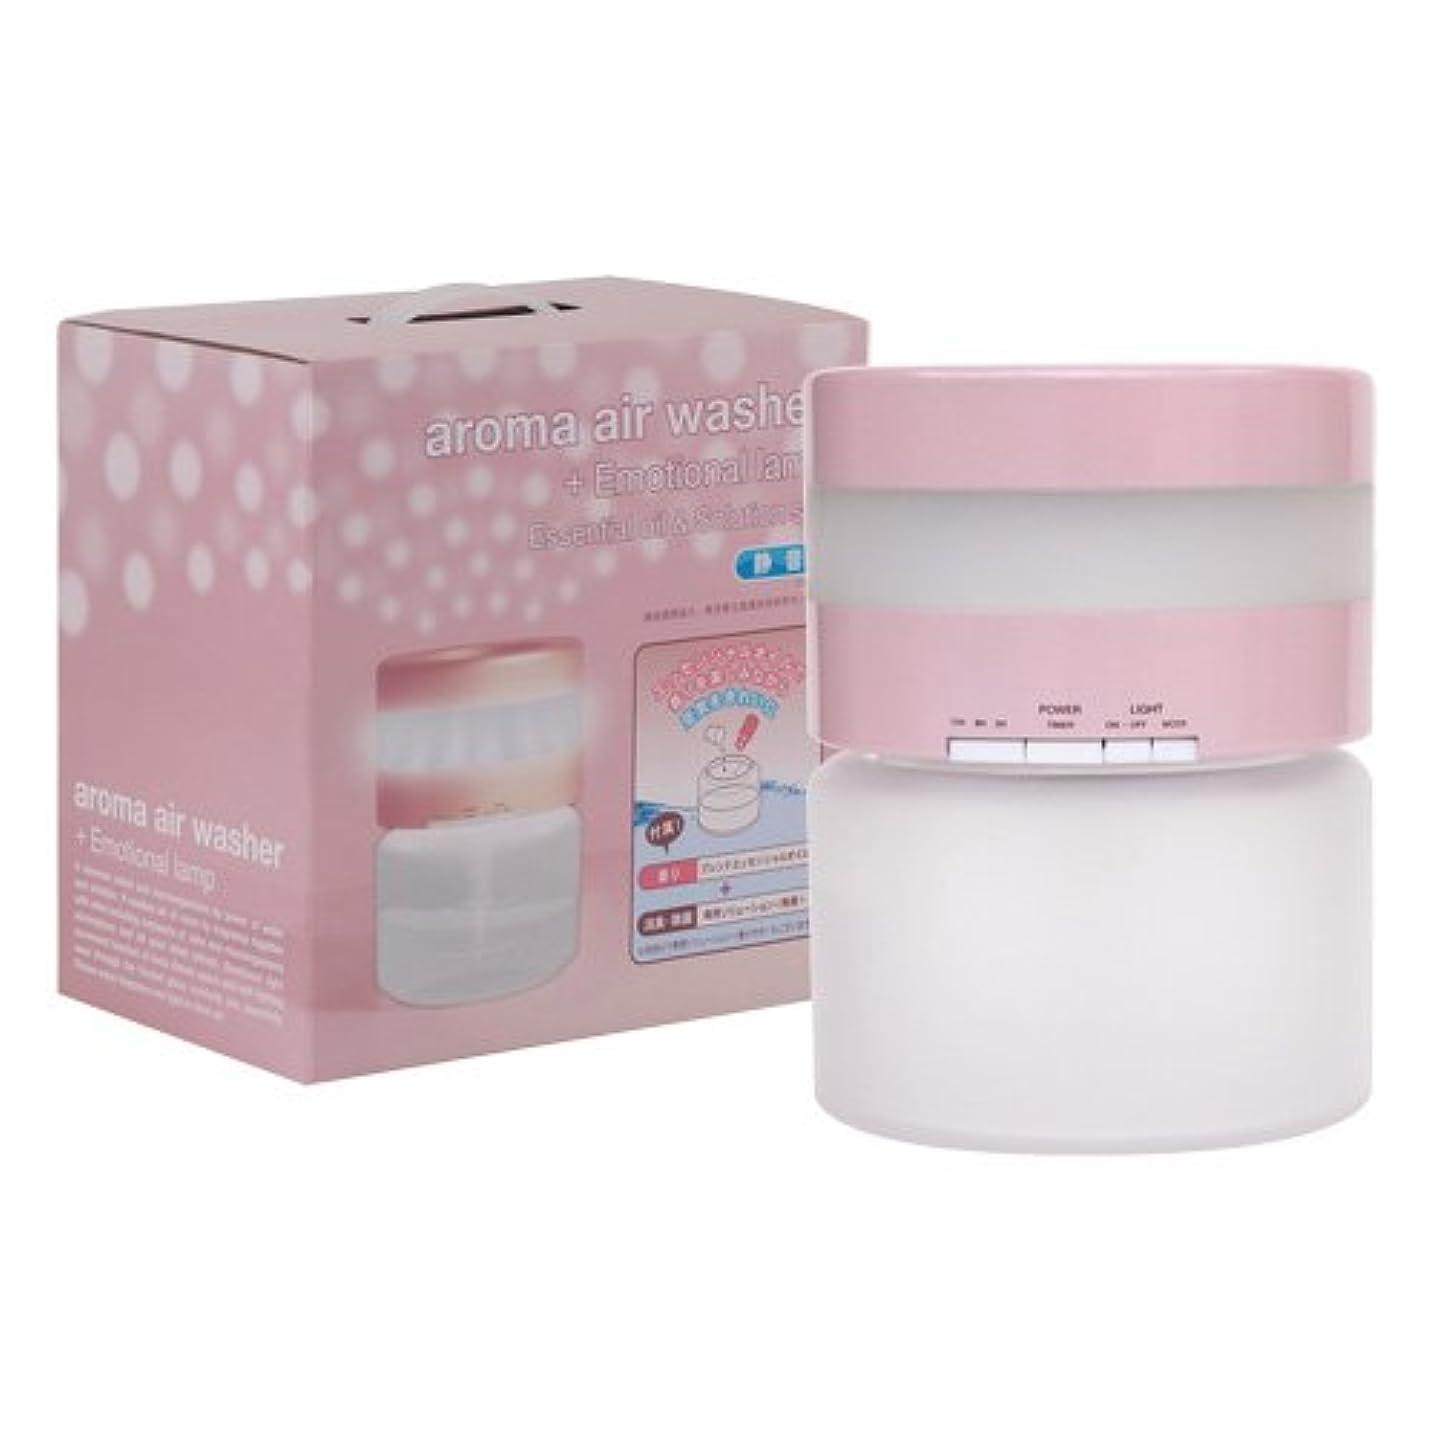 延ばすサンプル証言する空気洗浄器 アロマエアウォッシャー + エモーショナルランプ ピンク